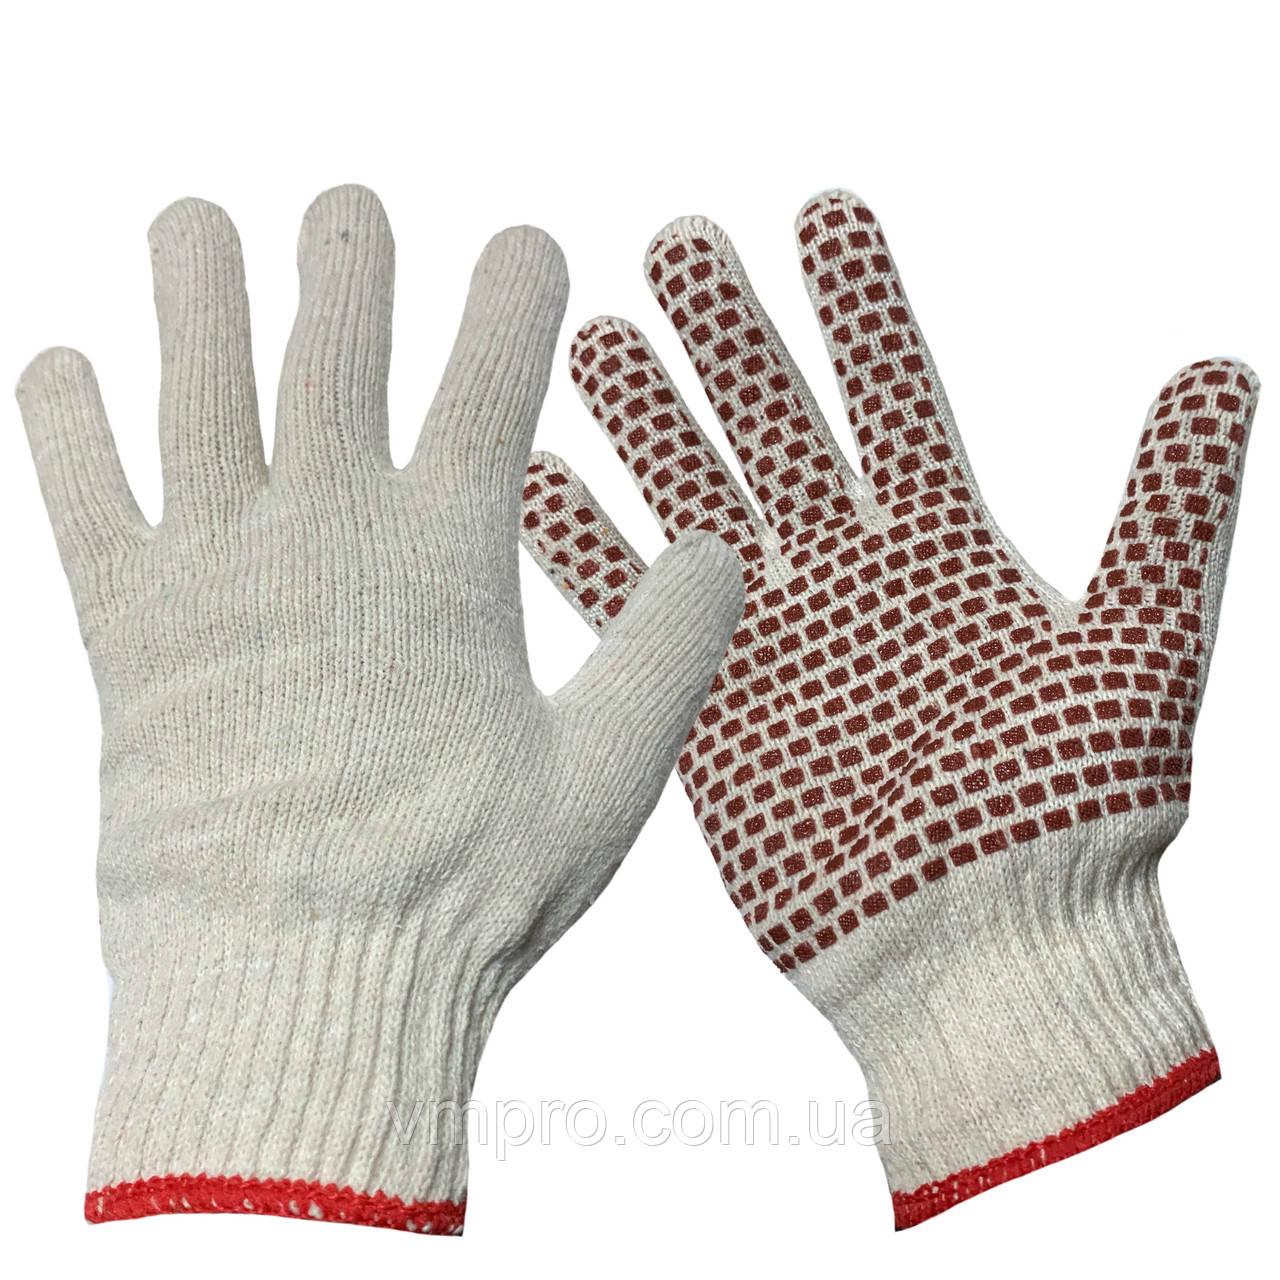 Рукавички робочі бавовна (щільні) ,господарські рукавички